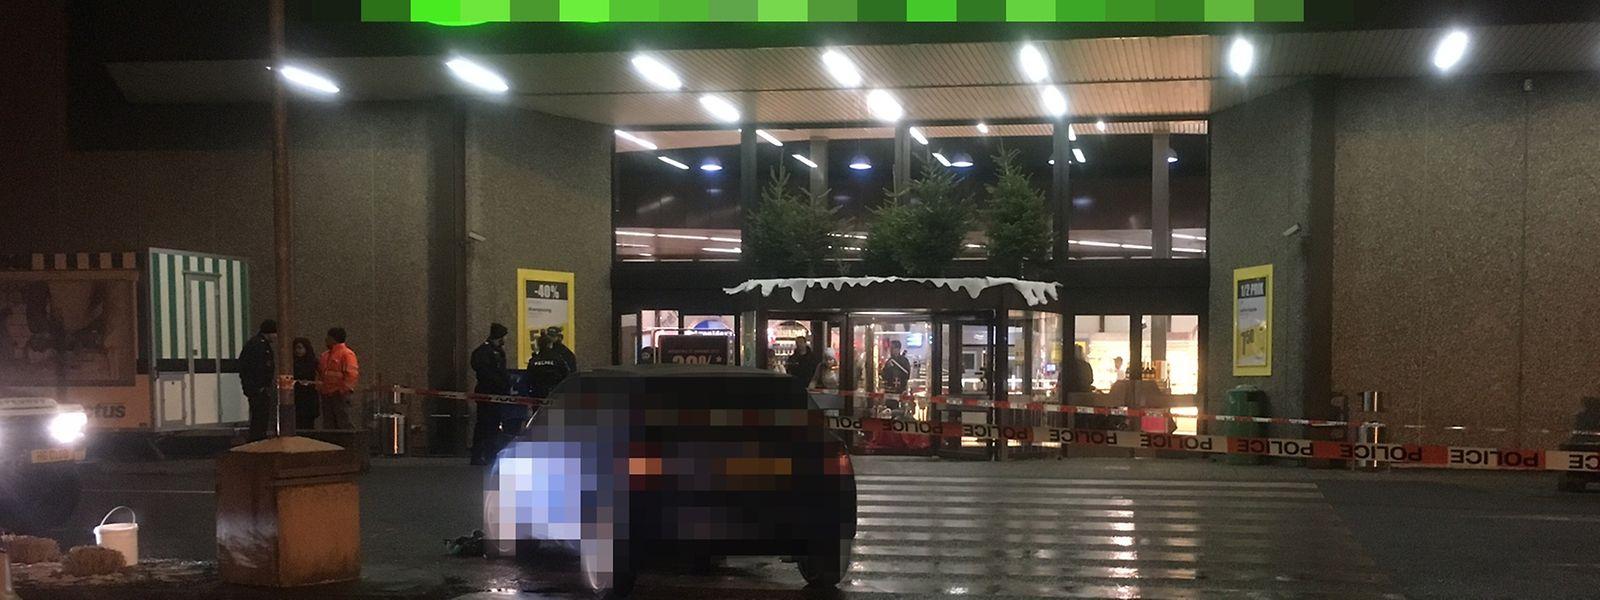 Der Unfall ereignete sich auf dem Parkgelände eines Supermarktes.